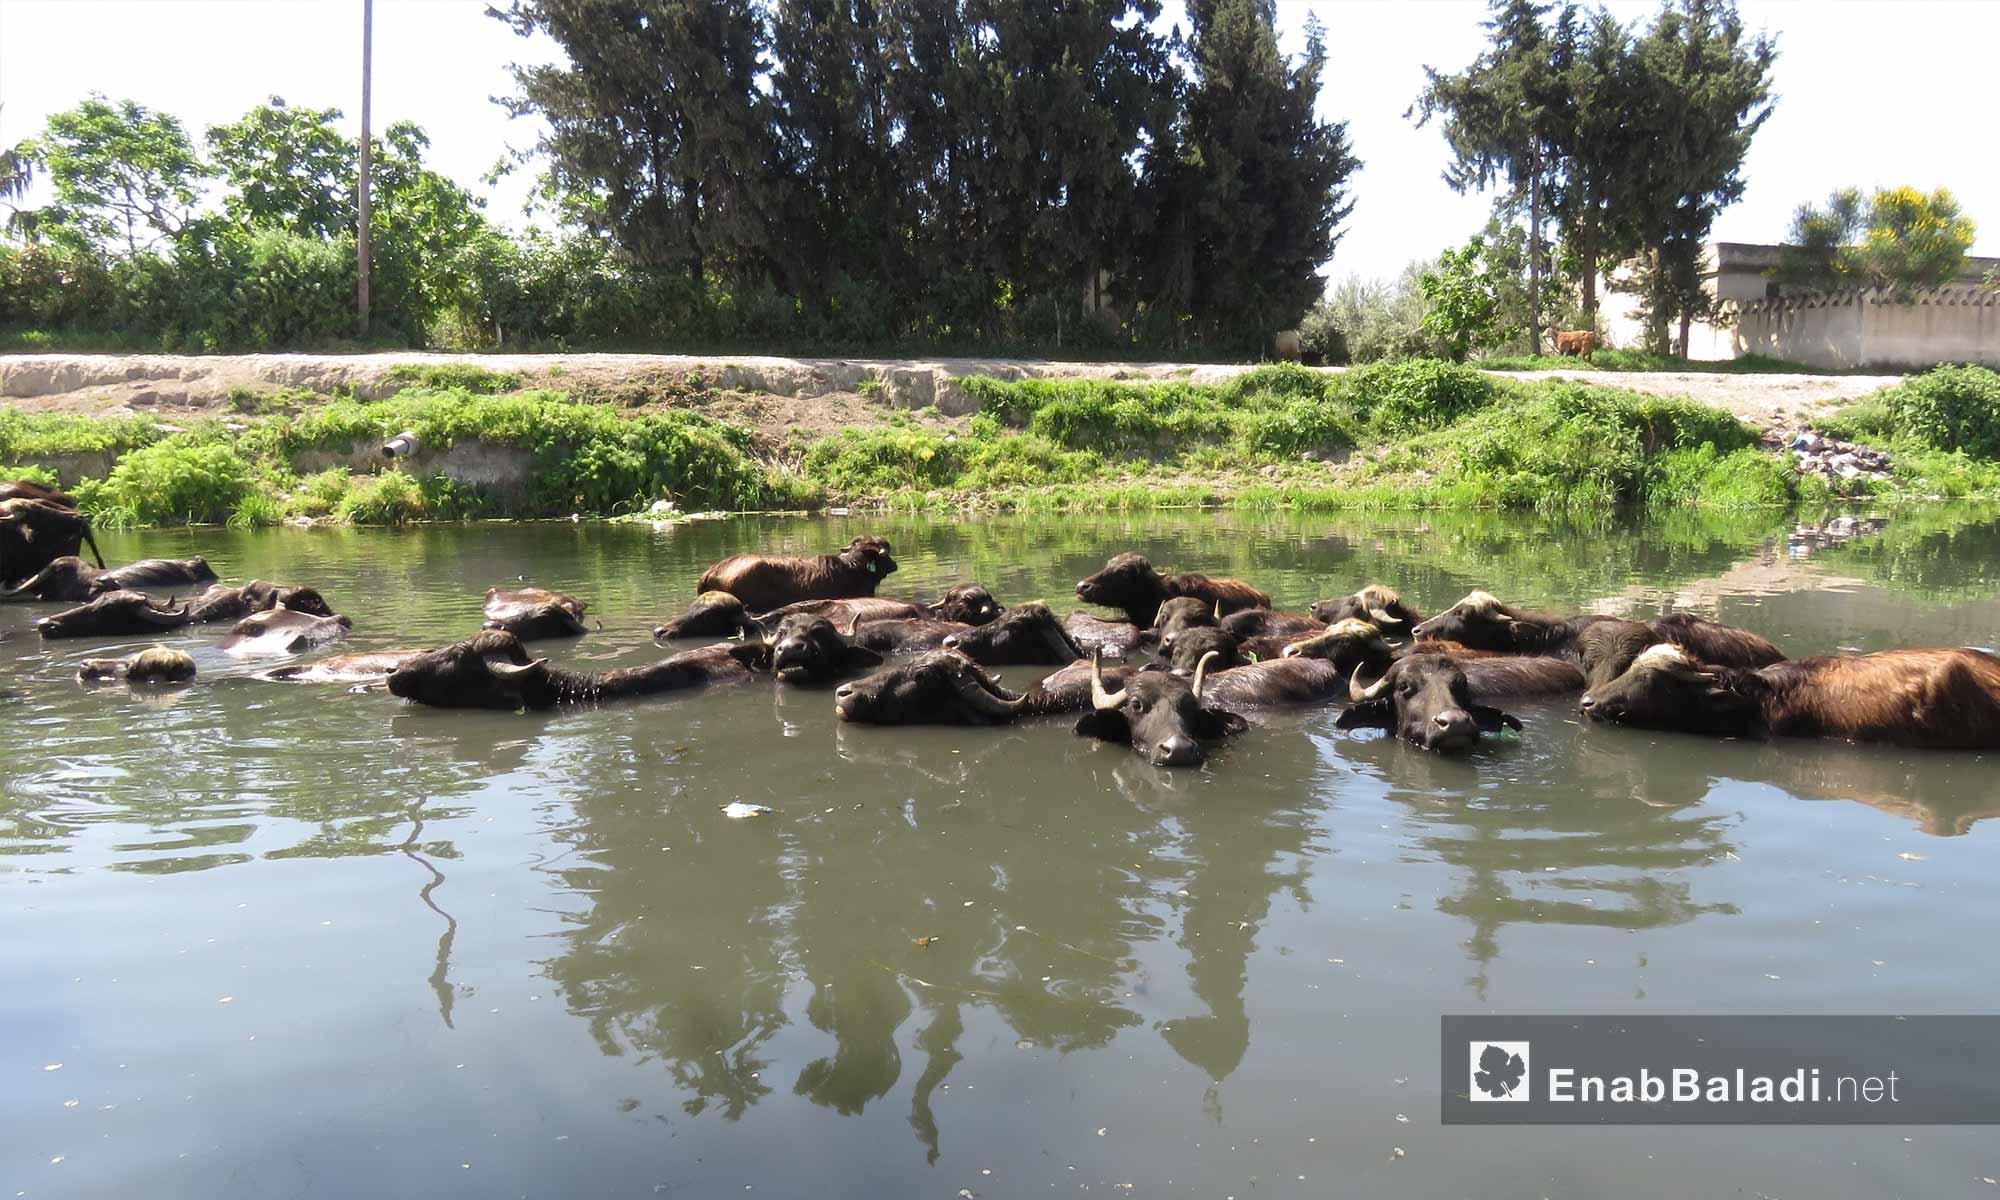 تربية الجاموس في سهل الغاب بريف حماة الغربي - 9 نيسان 2018 (عنب بلدي)